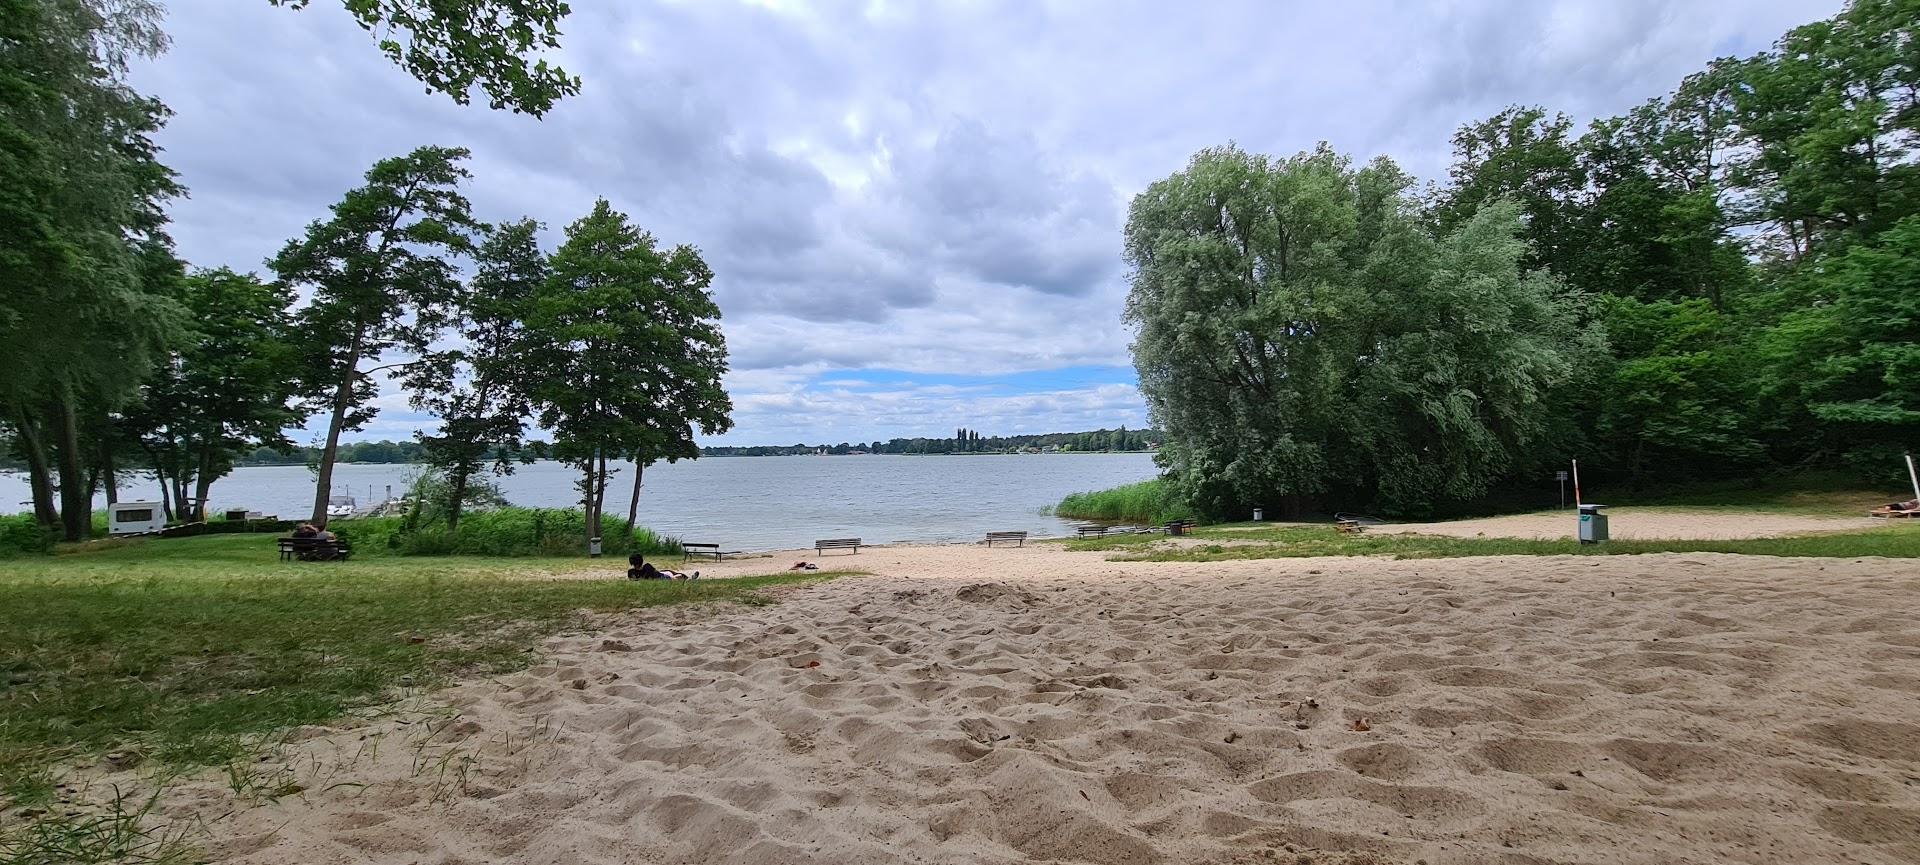 Am leeren Strand den Nachmittag genießen.